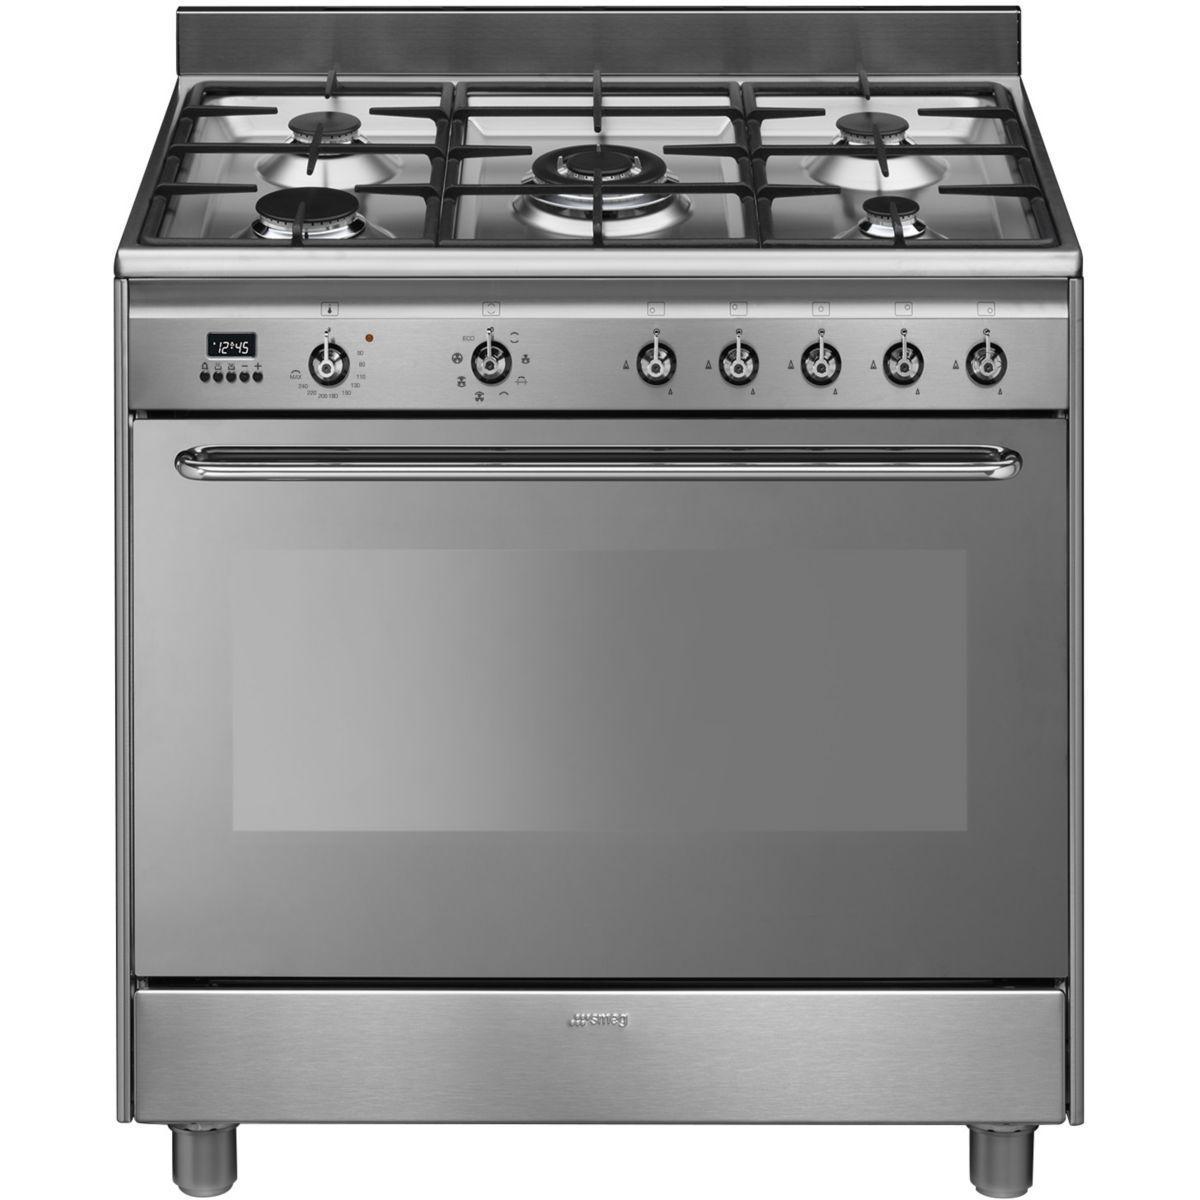 Piano de cuisson mixte smeg cg90x9 - 10% de remise imm�diate avec le code : gam10 (photo)